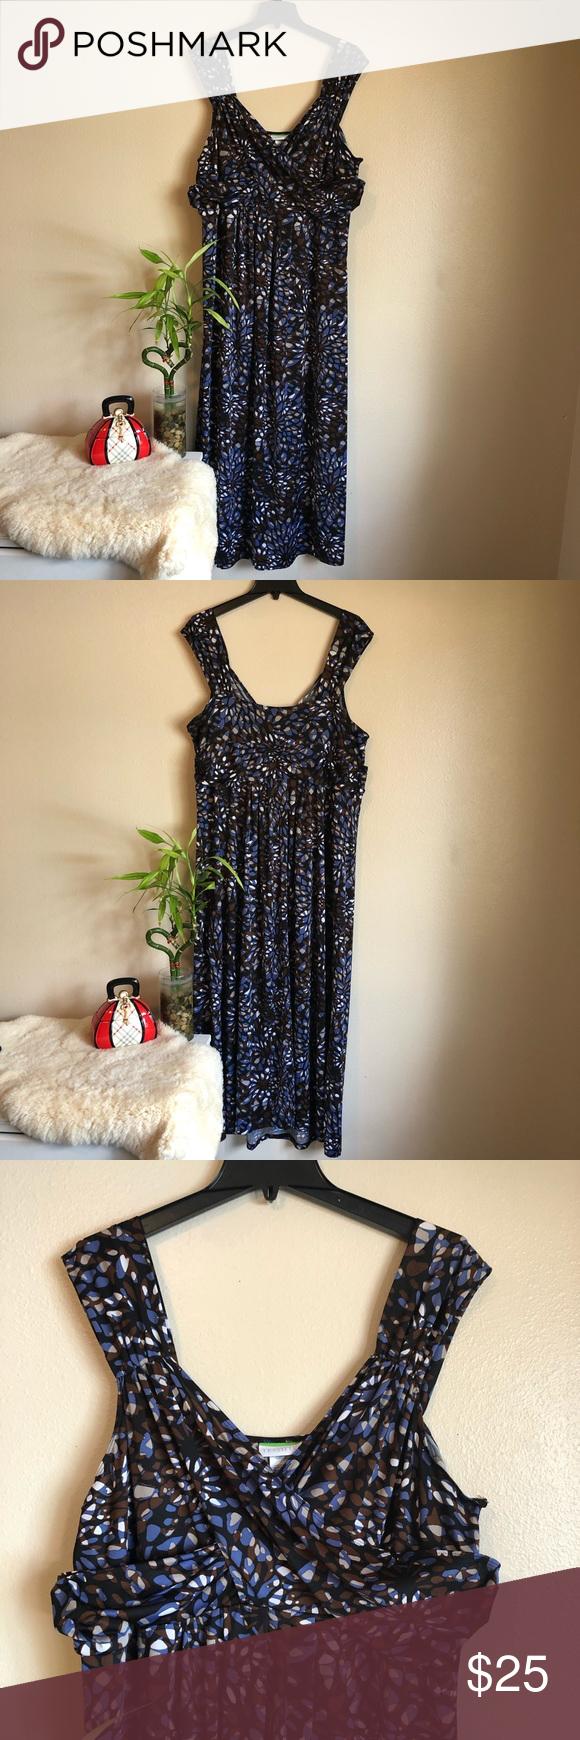 3 10 Tessuto Maxi Dress 3x 22w 24w Plus Size Maxi Dresses Dresses Maxi Dress [ 1740 x 580 Pixel ]